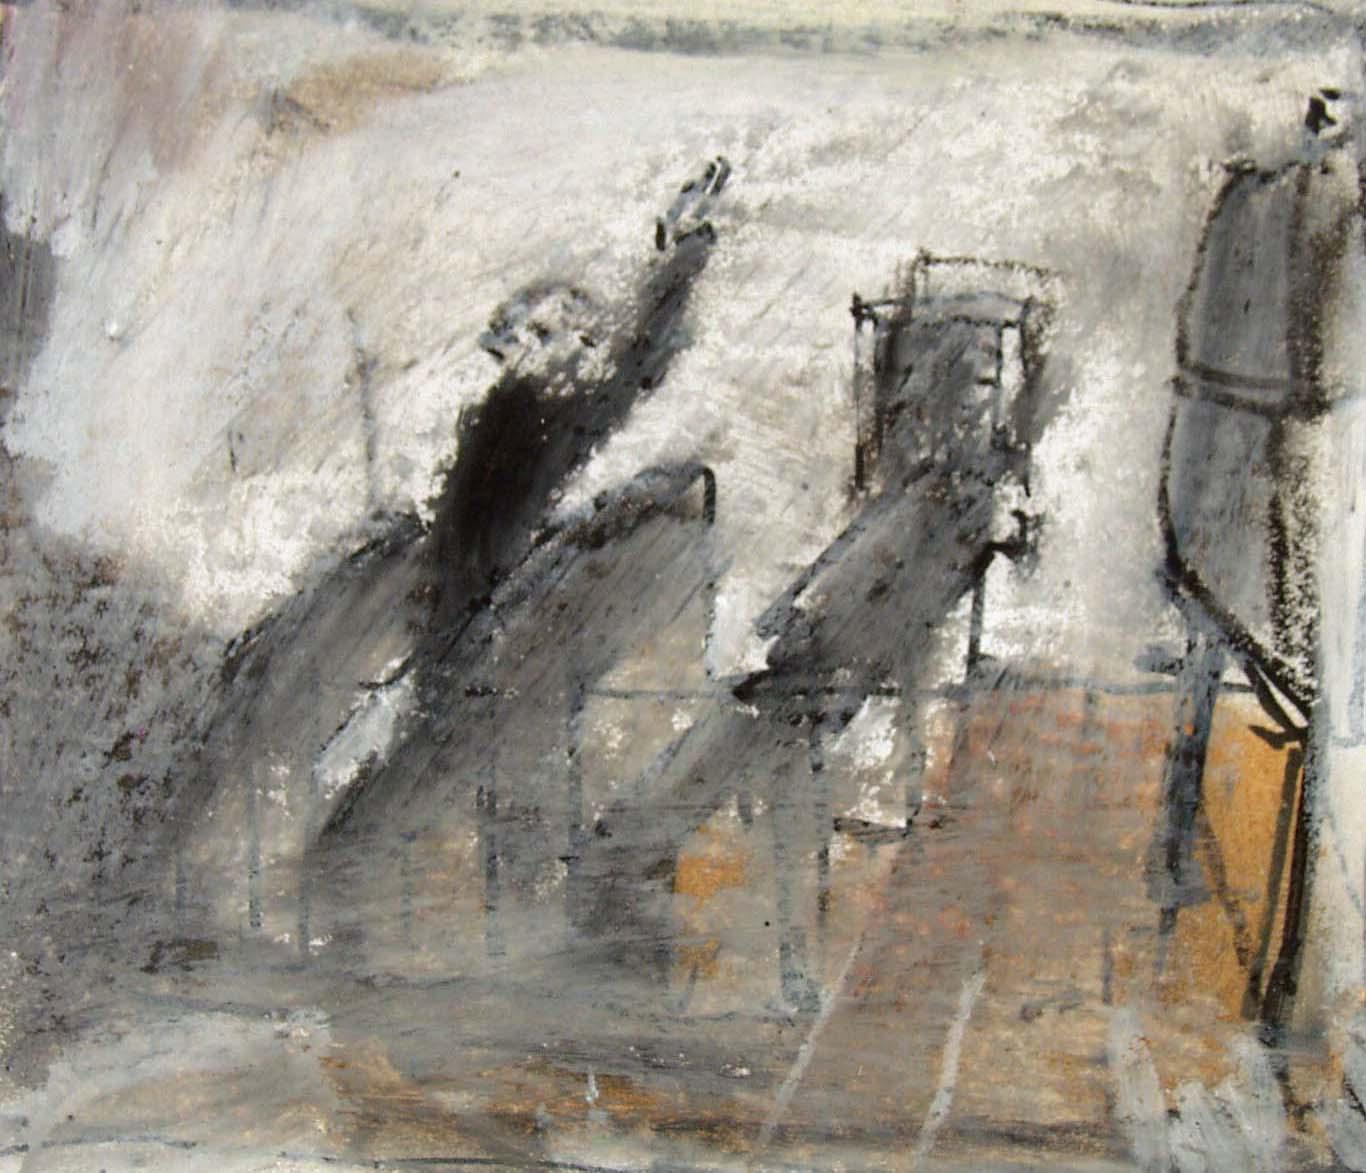 """Z cyklu """"Klasa szkolna"""" - Dzieło Zamknięte, 1983, pastel, flamaster, akryl, papier, zbiory prywatne (źródło: materiały prasowe organizatora)"""